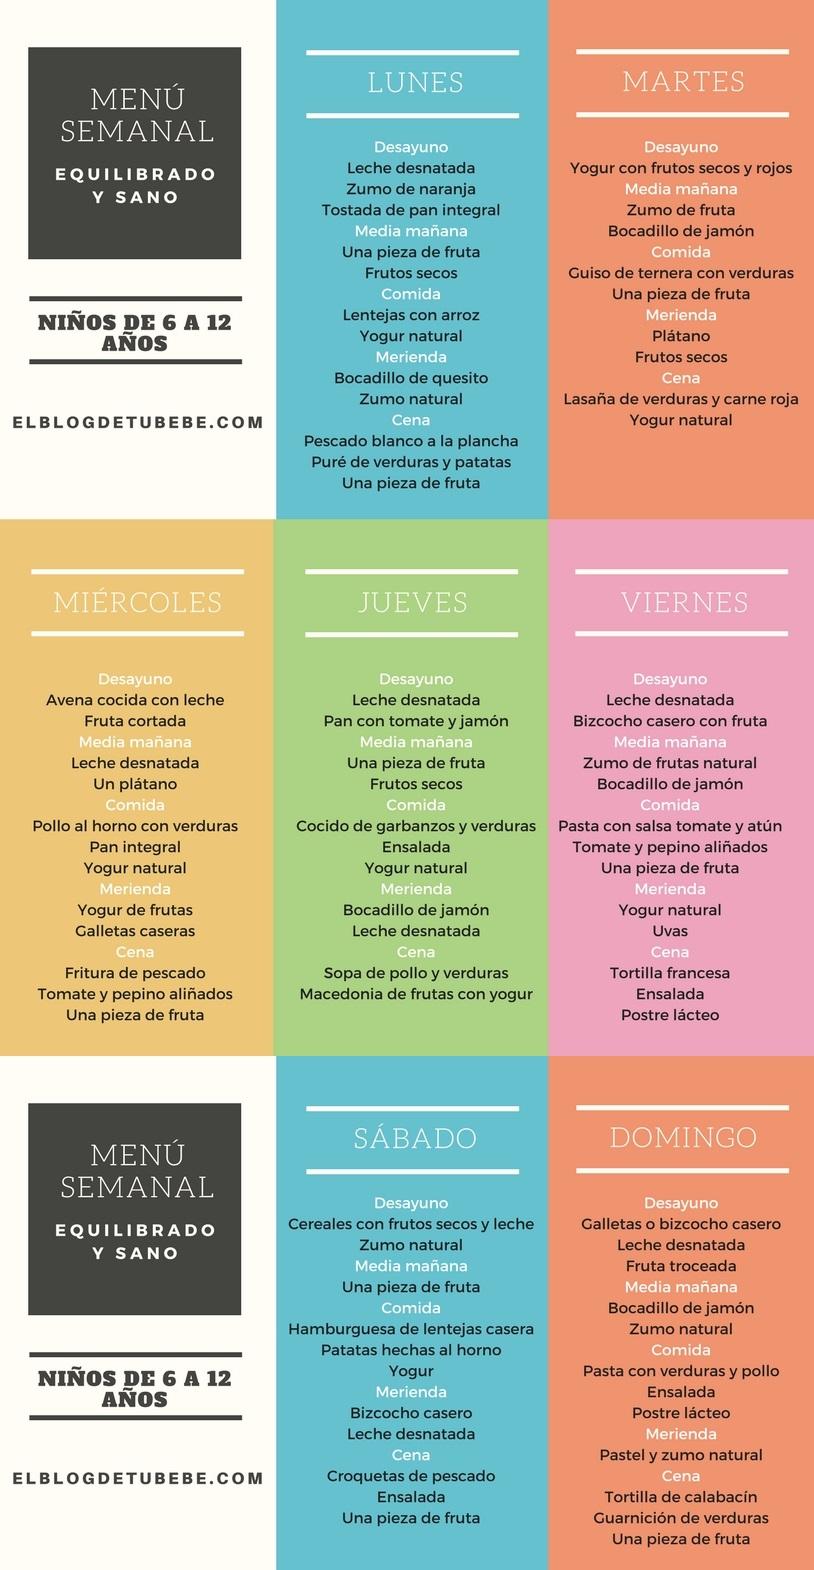 menu semanal equilibrado para niños infografia